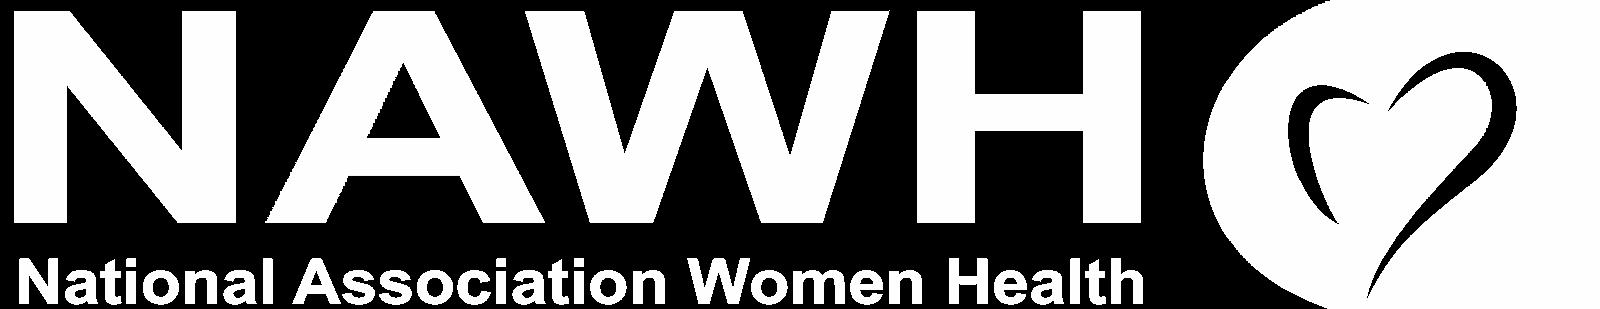 Женское здоровье - Национальная ассоциация акушеров-гинекологов и репродуктологов